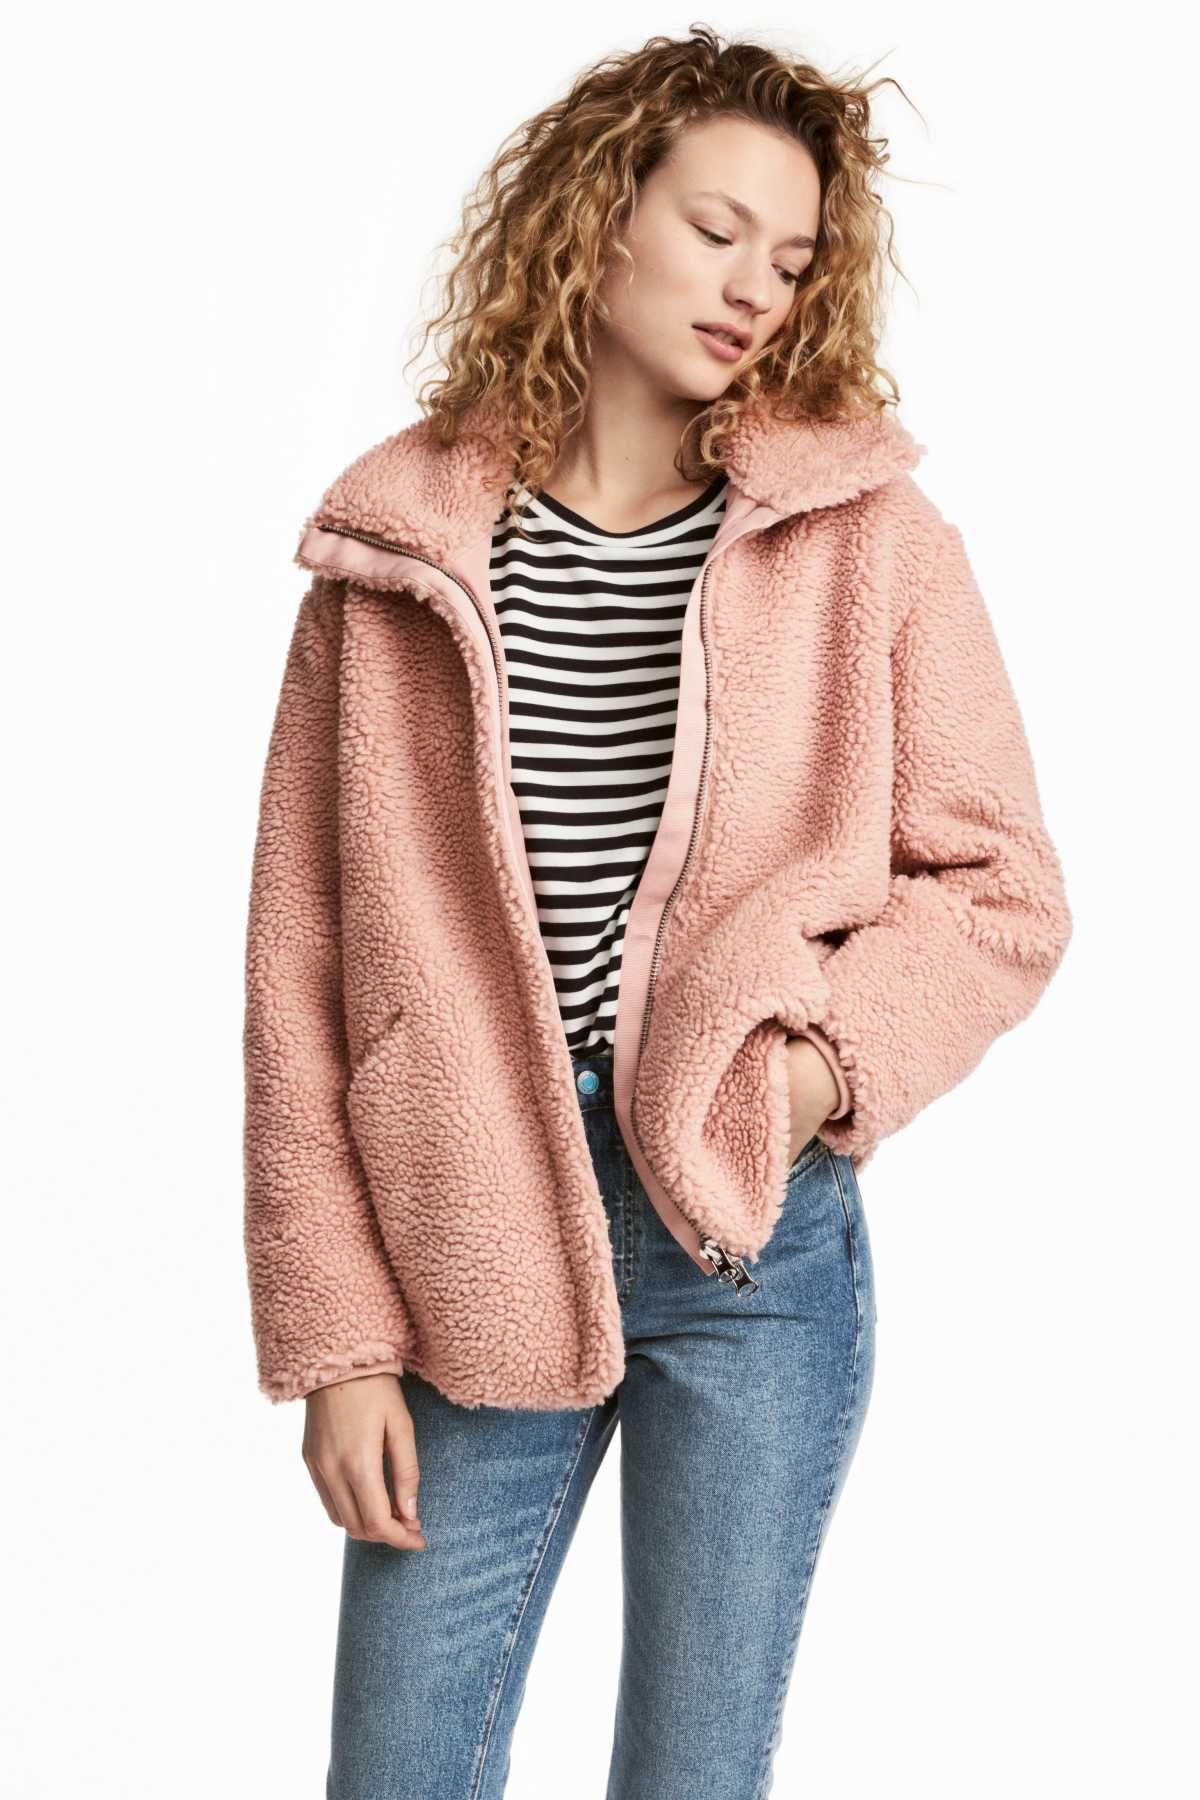 Pile Jacket Powder Pink Women H M Us Womens Winter Fashion Outfits Winter Fashion Outfits Online Womens Clothing [ 1800 x 1200 Pixel ]